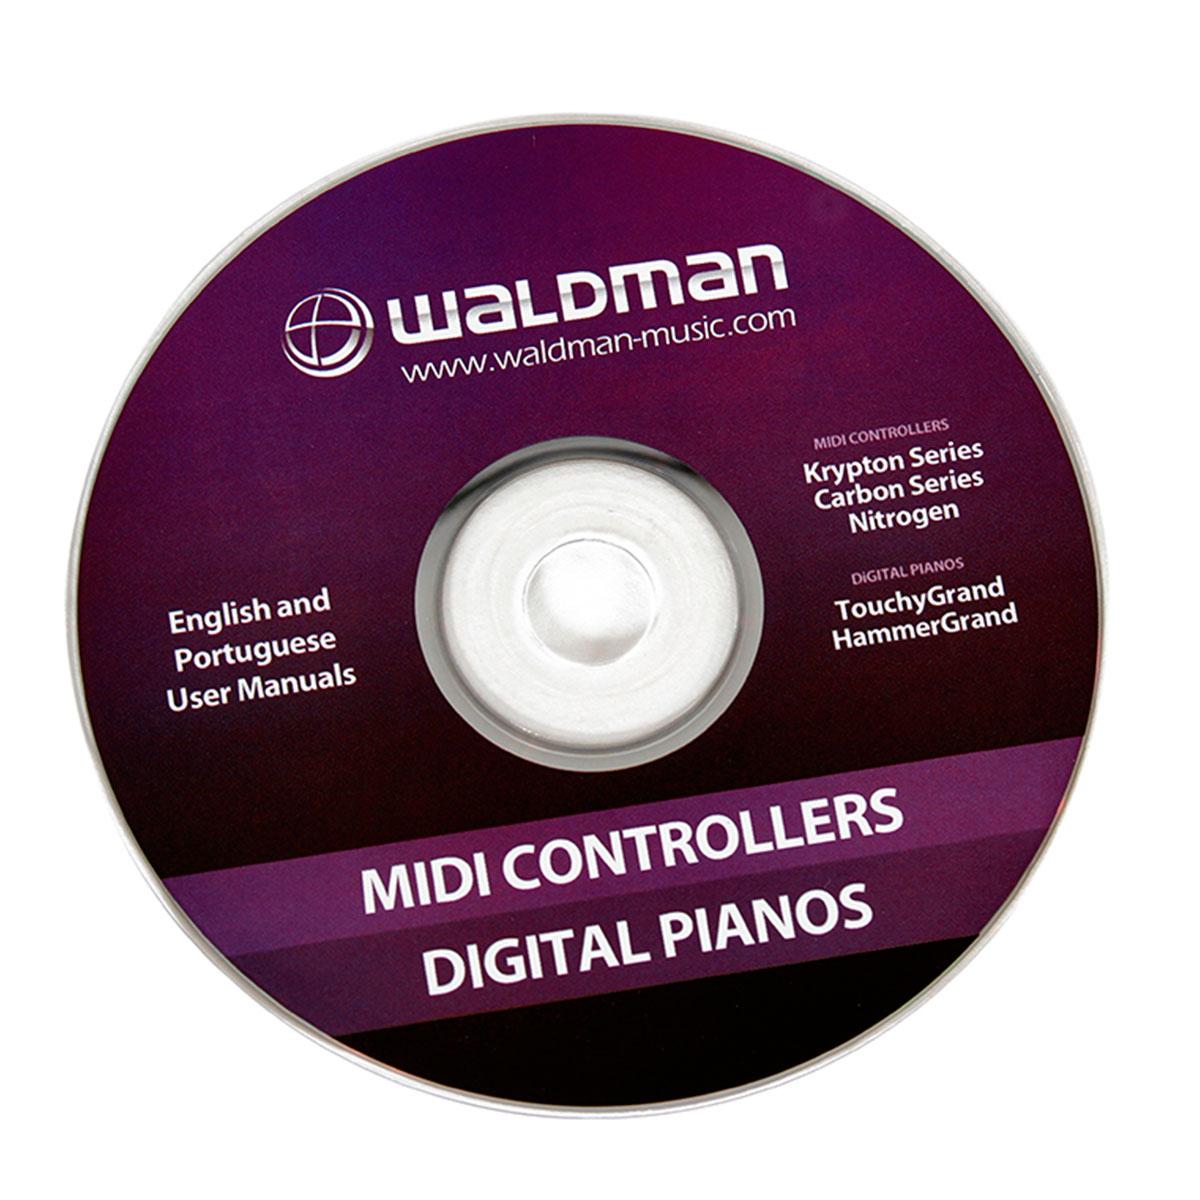 Carbon49 - Controlador Midi USB Carbon 49 - Waldman